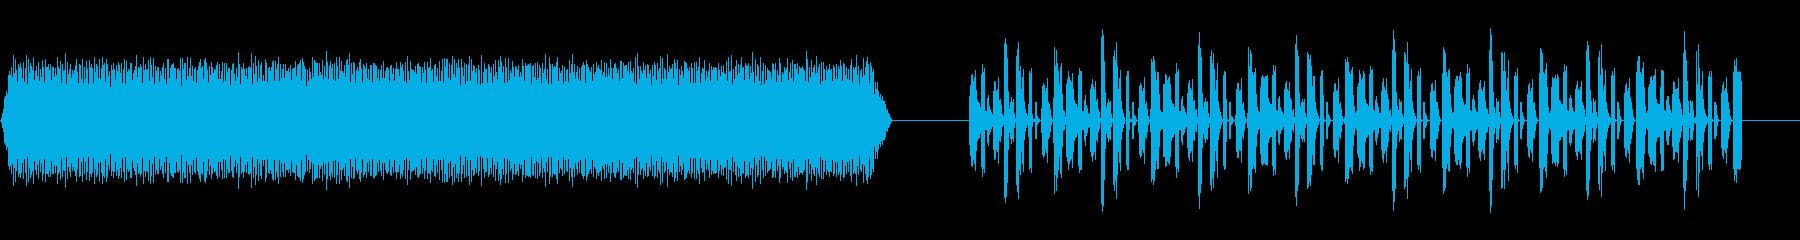 漫画-エンジン-2バージョンの再生済みの波形